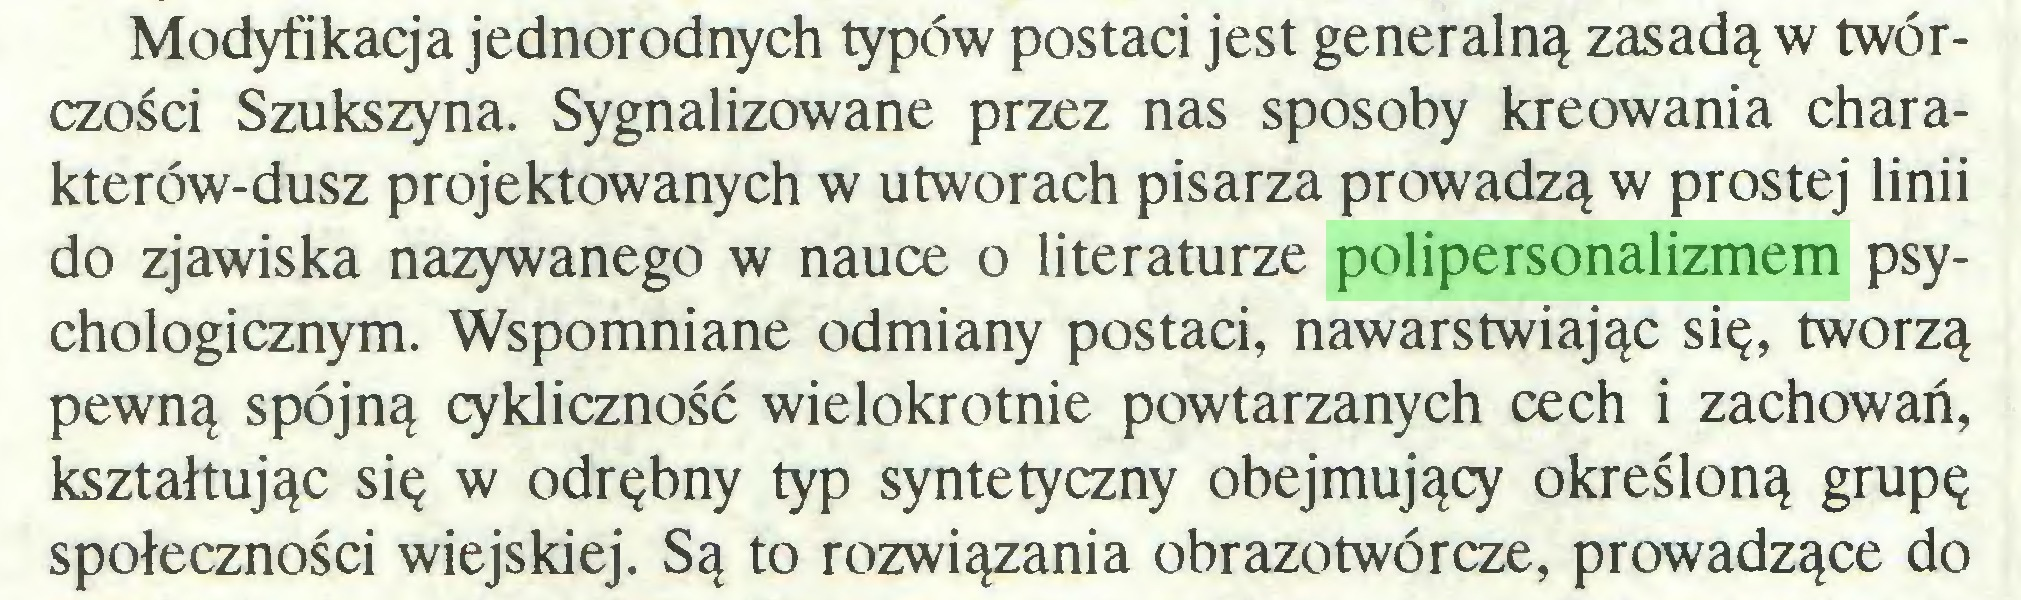 (...) Modyfikacja jednorodnych typów postaci jest generalną zasadą w twórczości Szukszyna. Sygnalizowane przez nas sposoby kreowania charakterów-dusz projektowanych w utworach pisarza prowadzą w prostej linii do zjawiska nazywanego w nauce o literaturze polipersonalizmem psychologicznym. Wspomniane odmiany postaci, nawarstwiając się, tworzą pewną spójną cykliczność wielokrotnie powtarzanych cech i zachowań, kształtując się w odrębny typ syntetyczny obejmujący określoną grupę społeczności wiejskiej. Są to rozwiązania obrazotwórcze, prowadzące do...